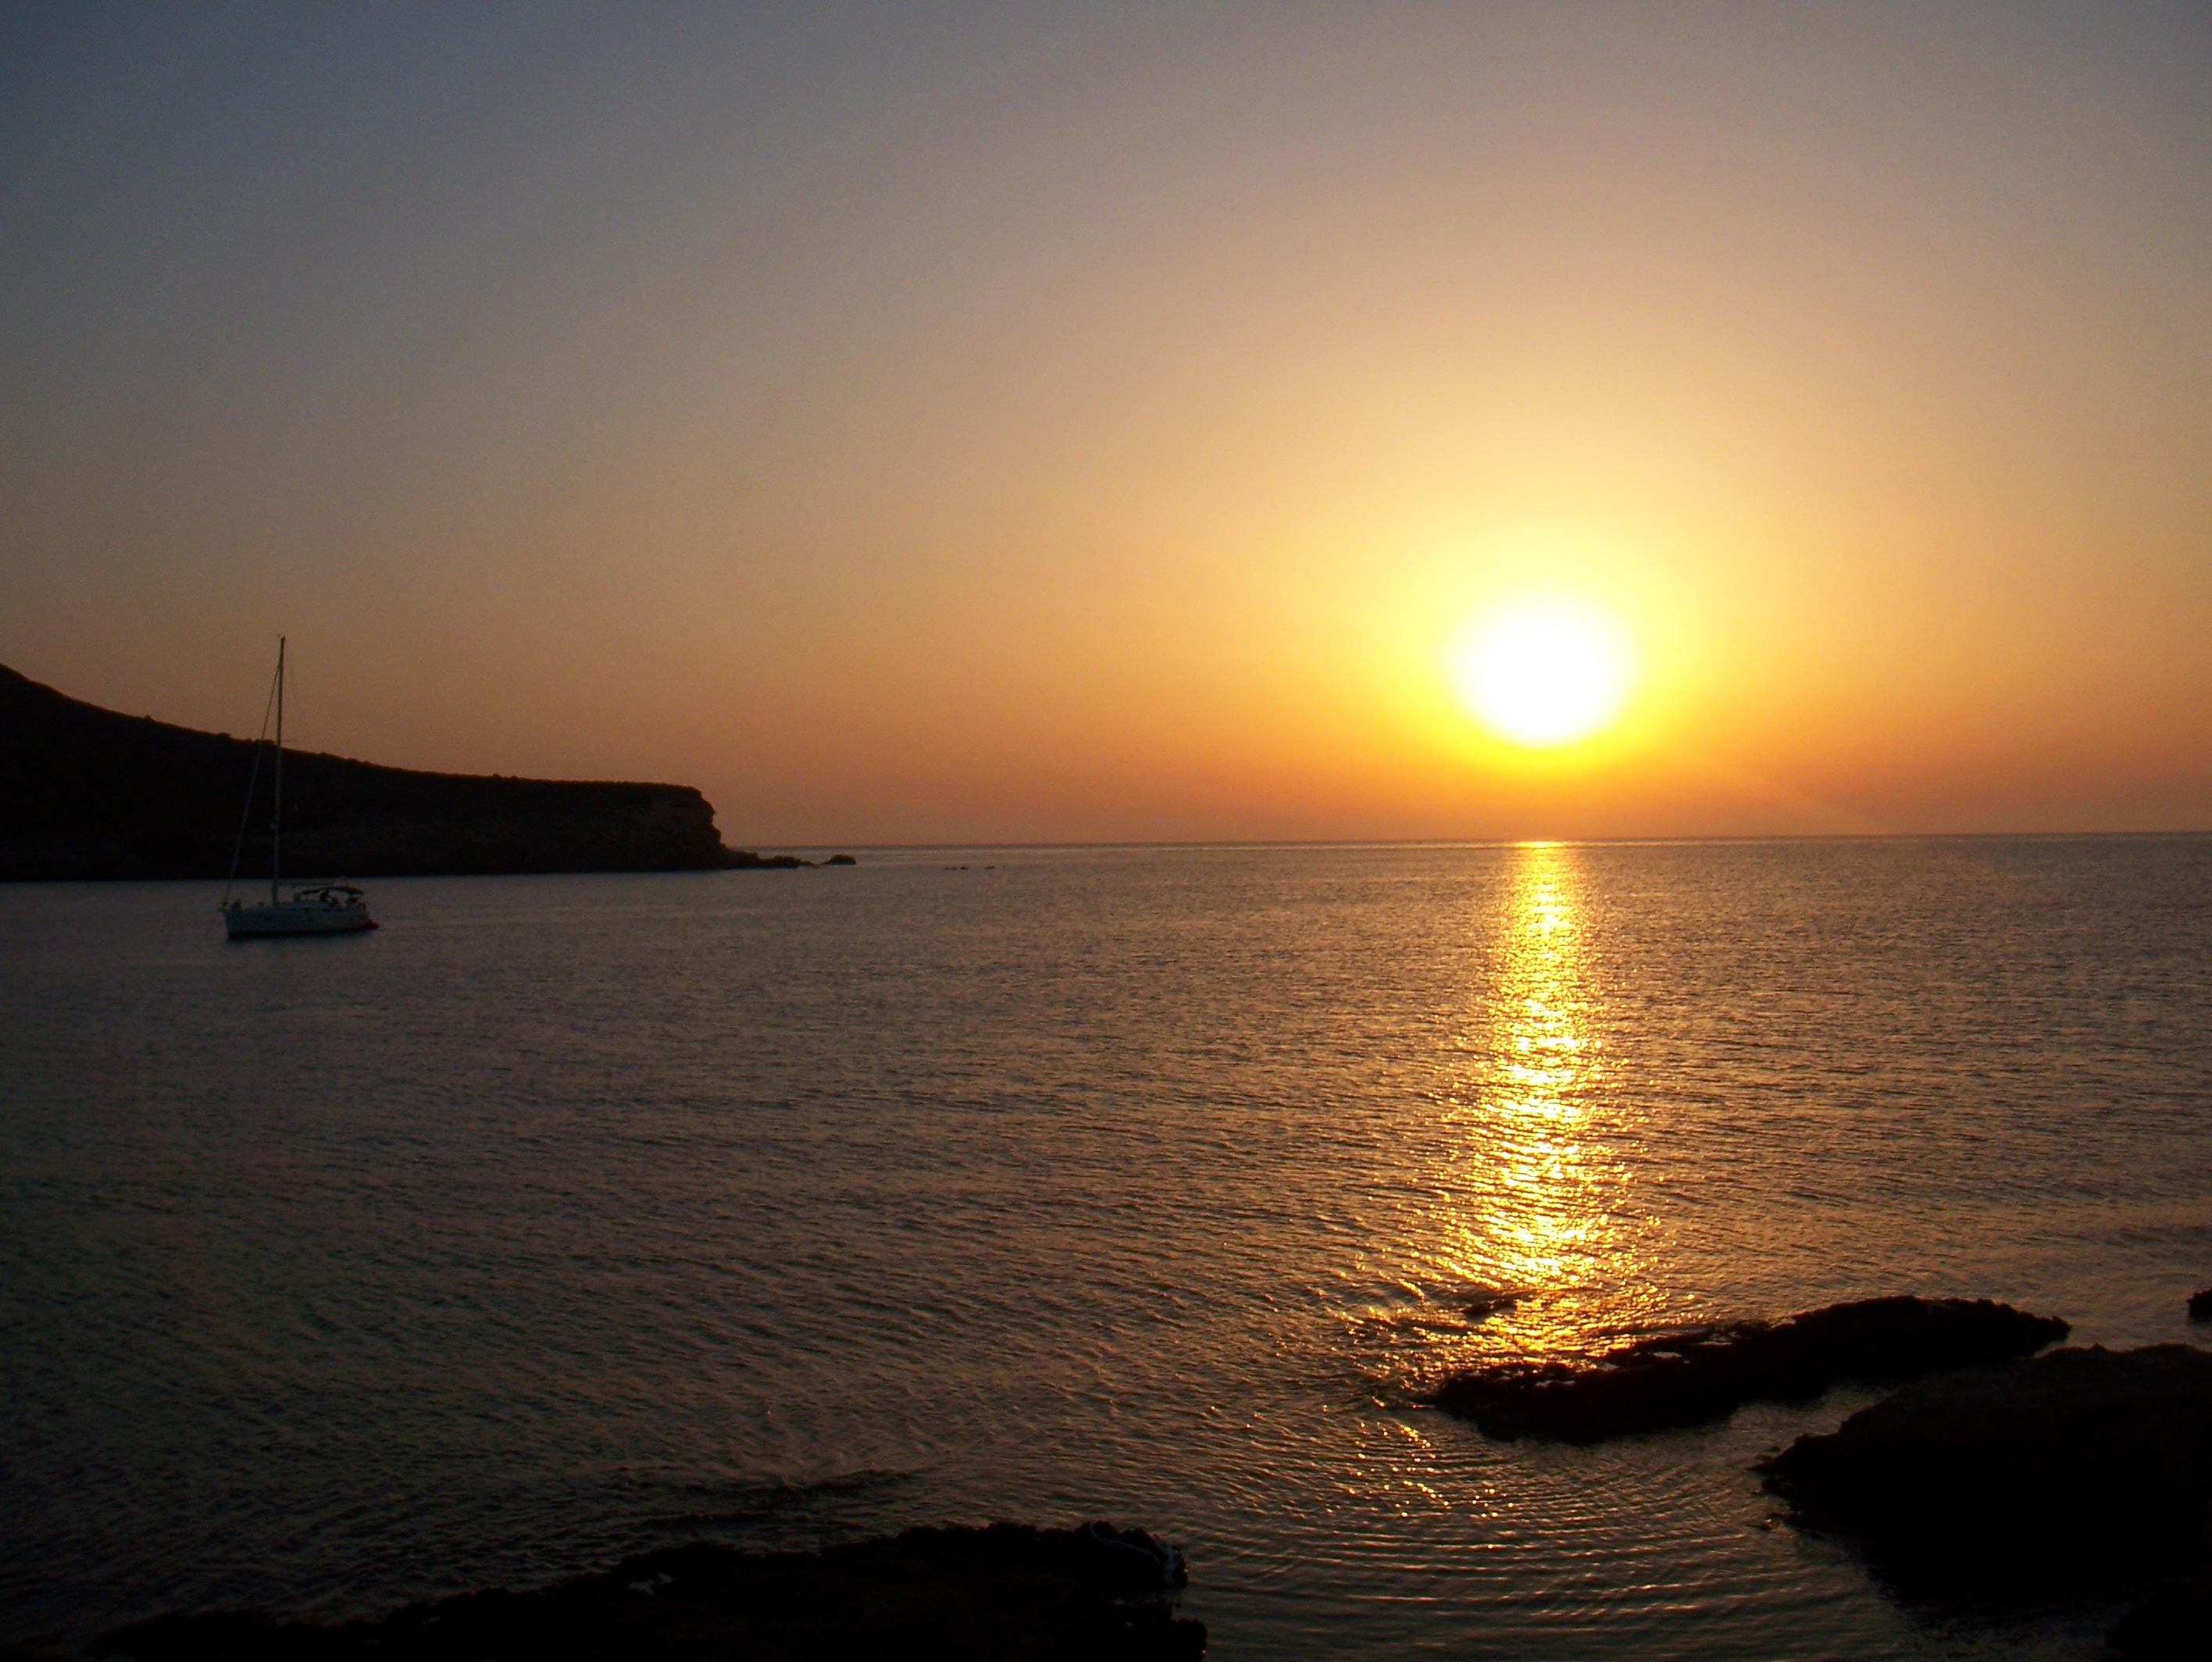 Παραλία Σιφνέικο - Antiparos island, Greece - Antiparos.com